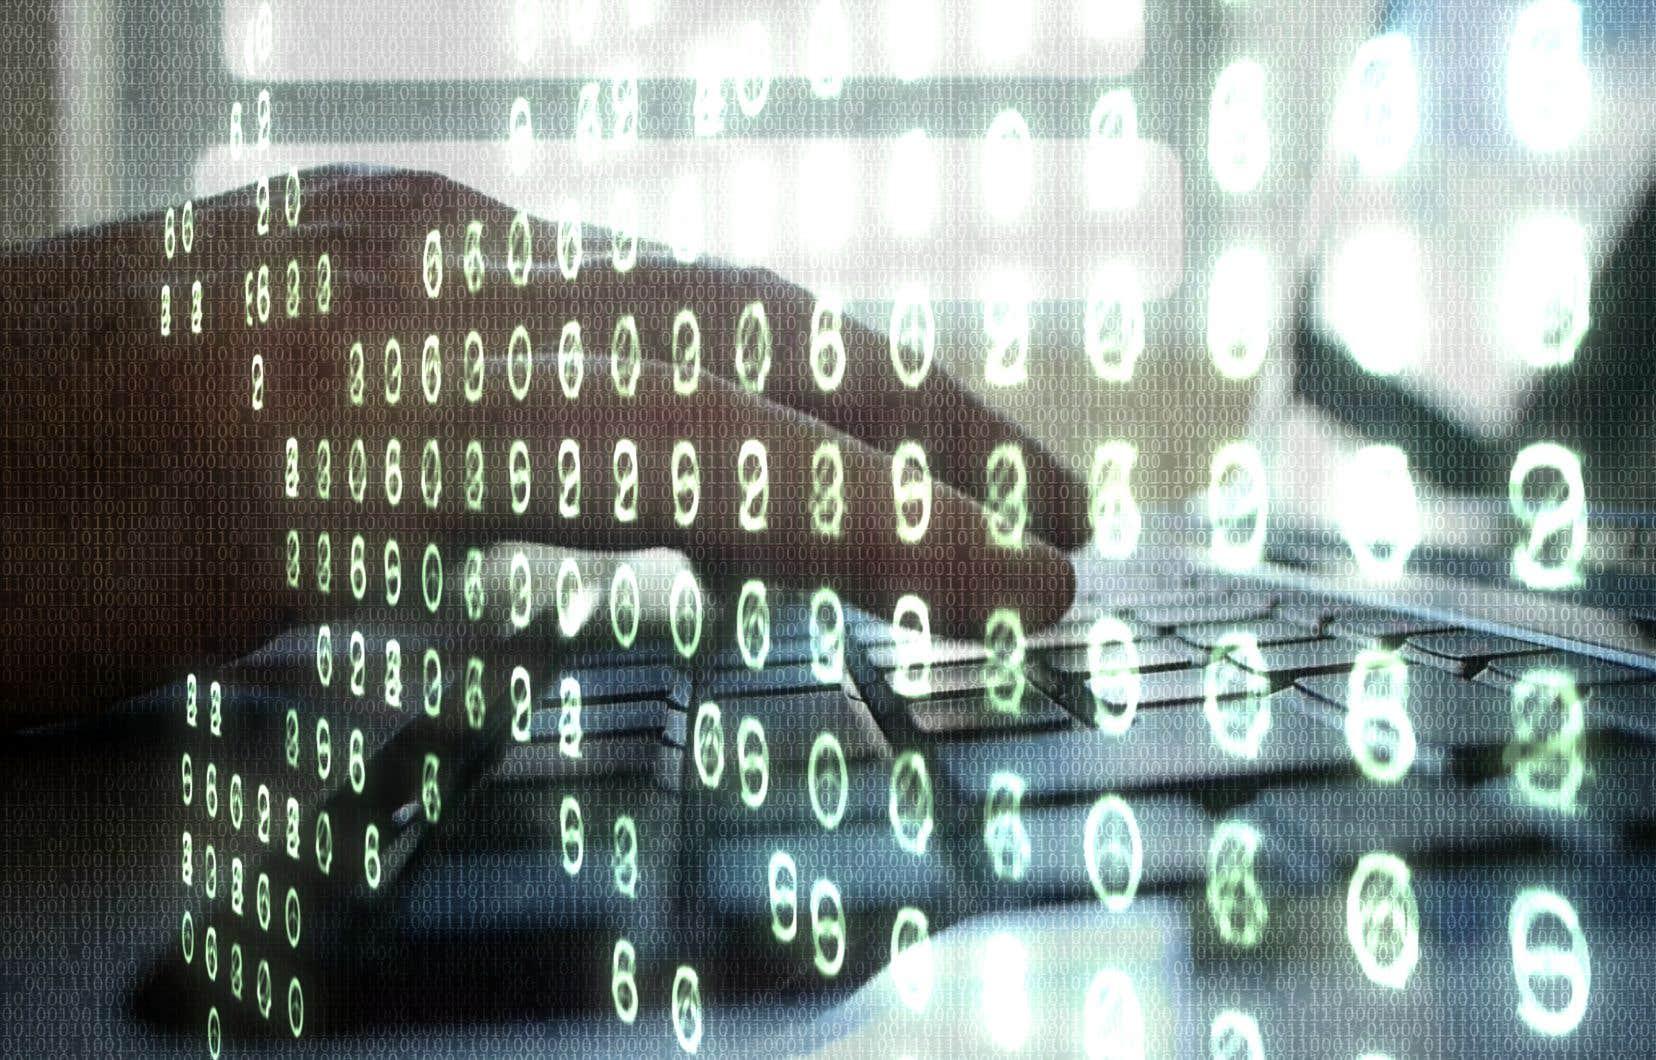 En octobre 2018, les États-Unis avaient annoncé l'inculpation de sept agents présumés du renseignement militaire russe (GRU) à la suite d'une campagne mondiale de cyberattaques.